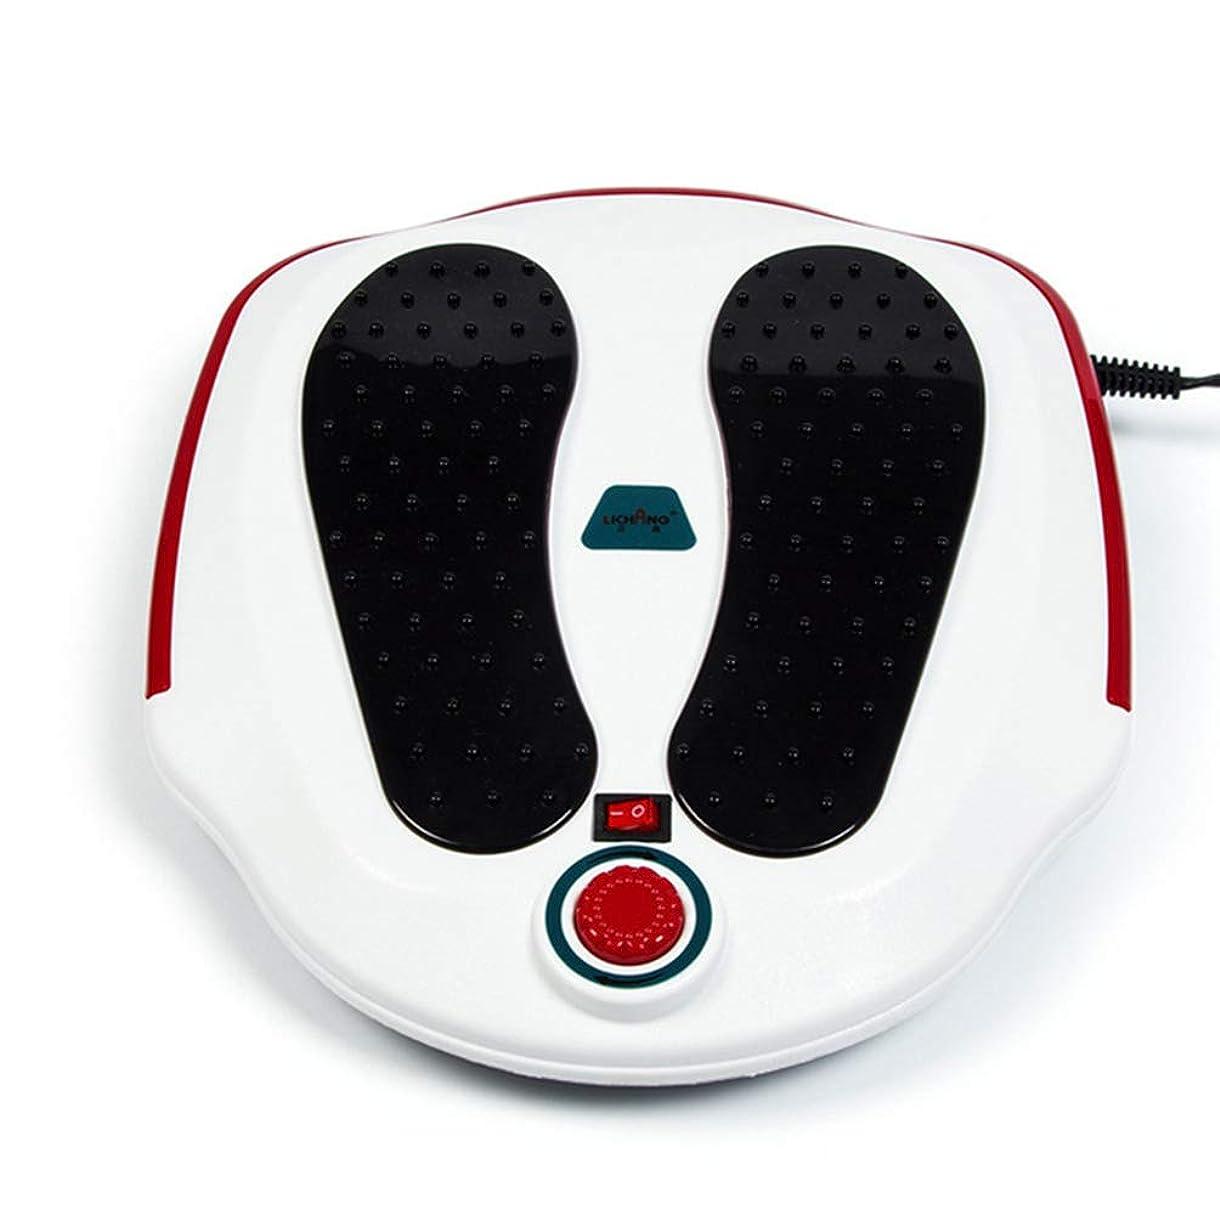 ひらめきフォロー大声で調整可能 フットマッサージャー、フルフットマッサージエクスペリエンス用ABS素材、循環系の改善、硬い筋肉の柔らかさ、痛みの緩和治療。 リラックス